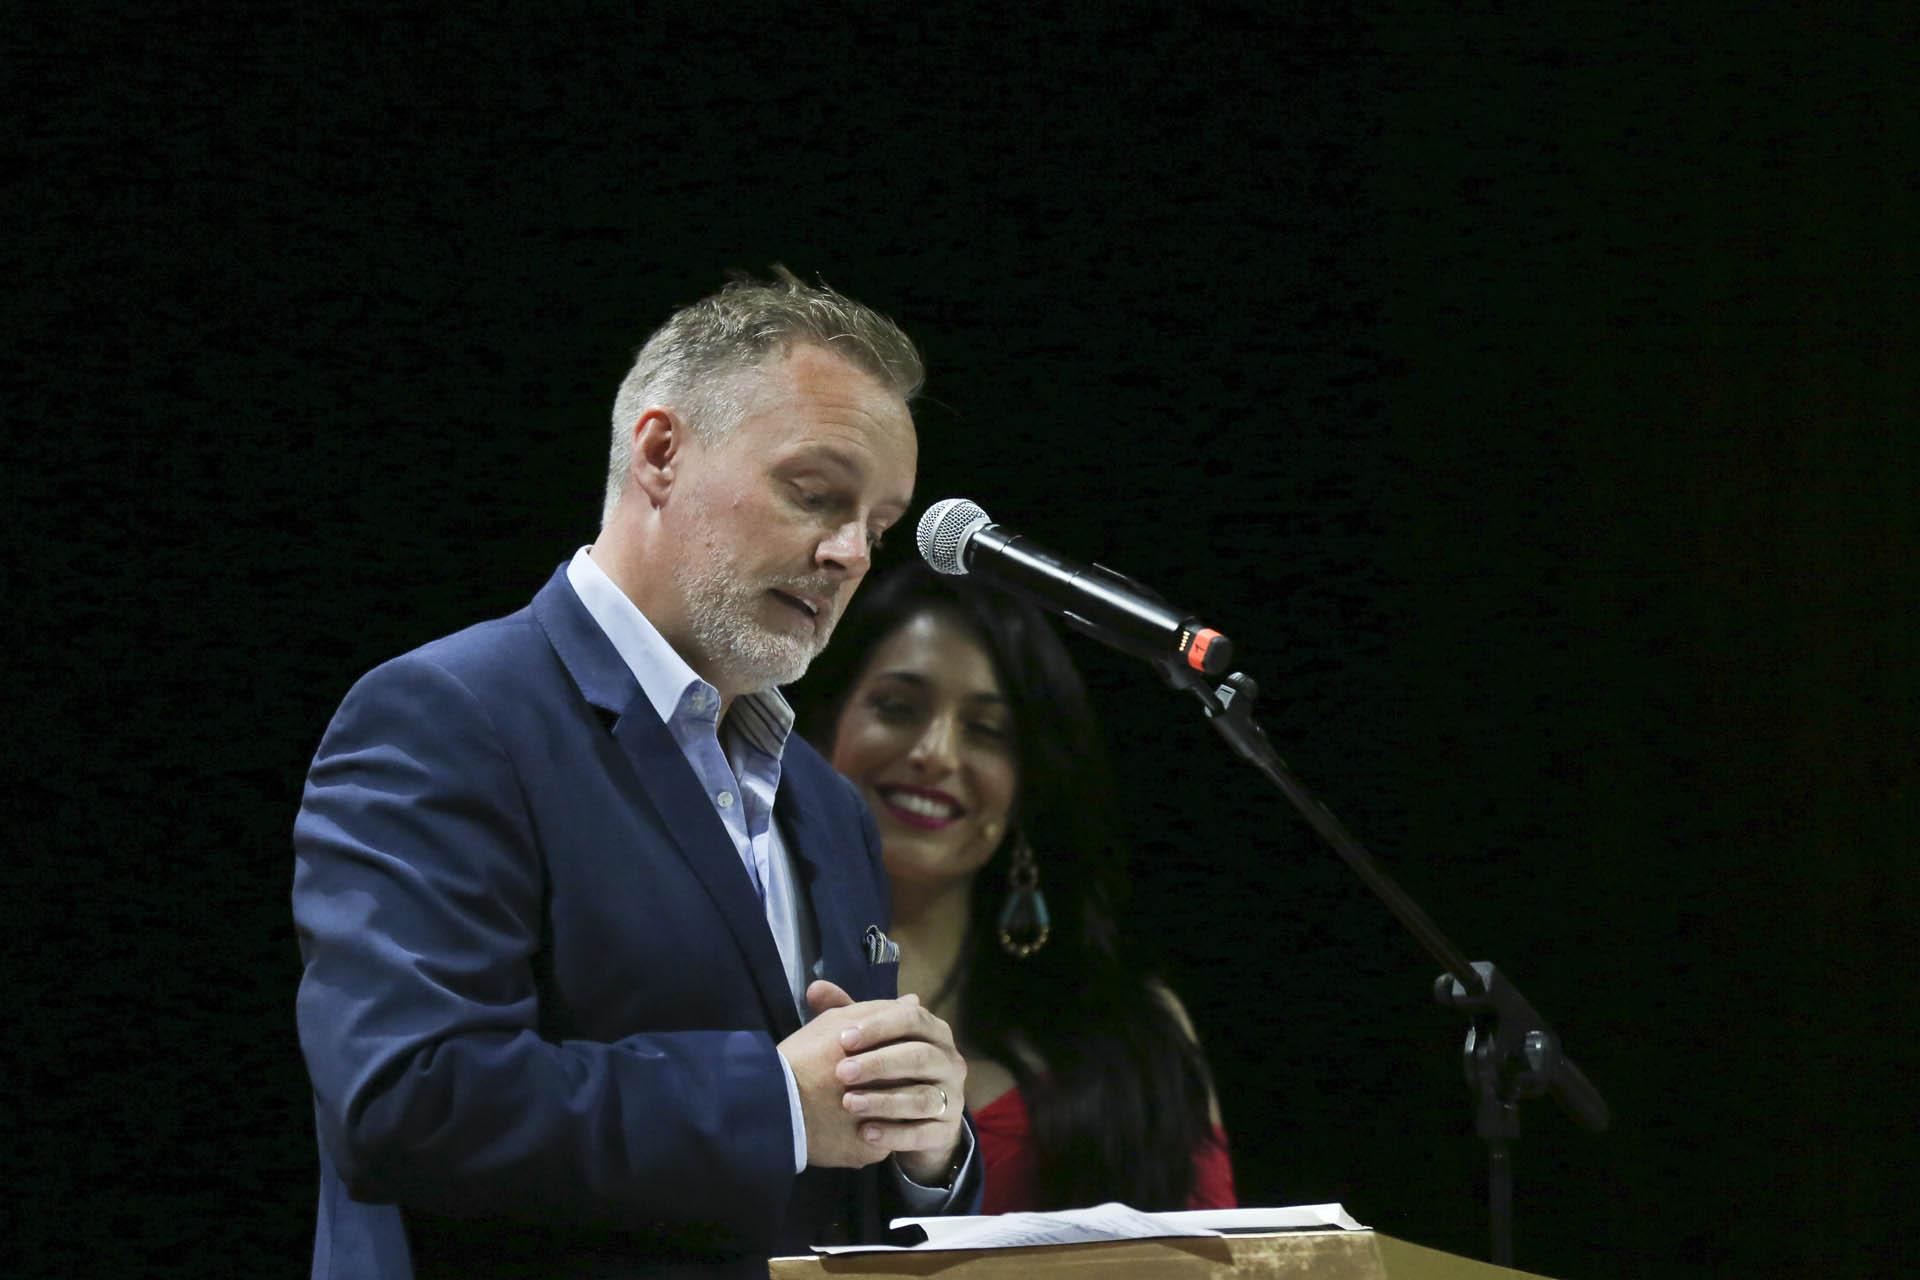 Neal Davies, Presidente y CEO de Effie Worldwide